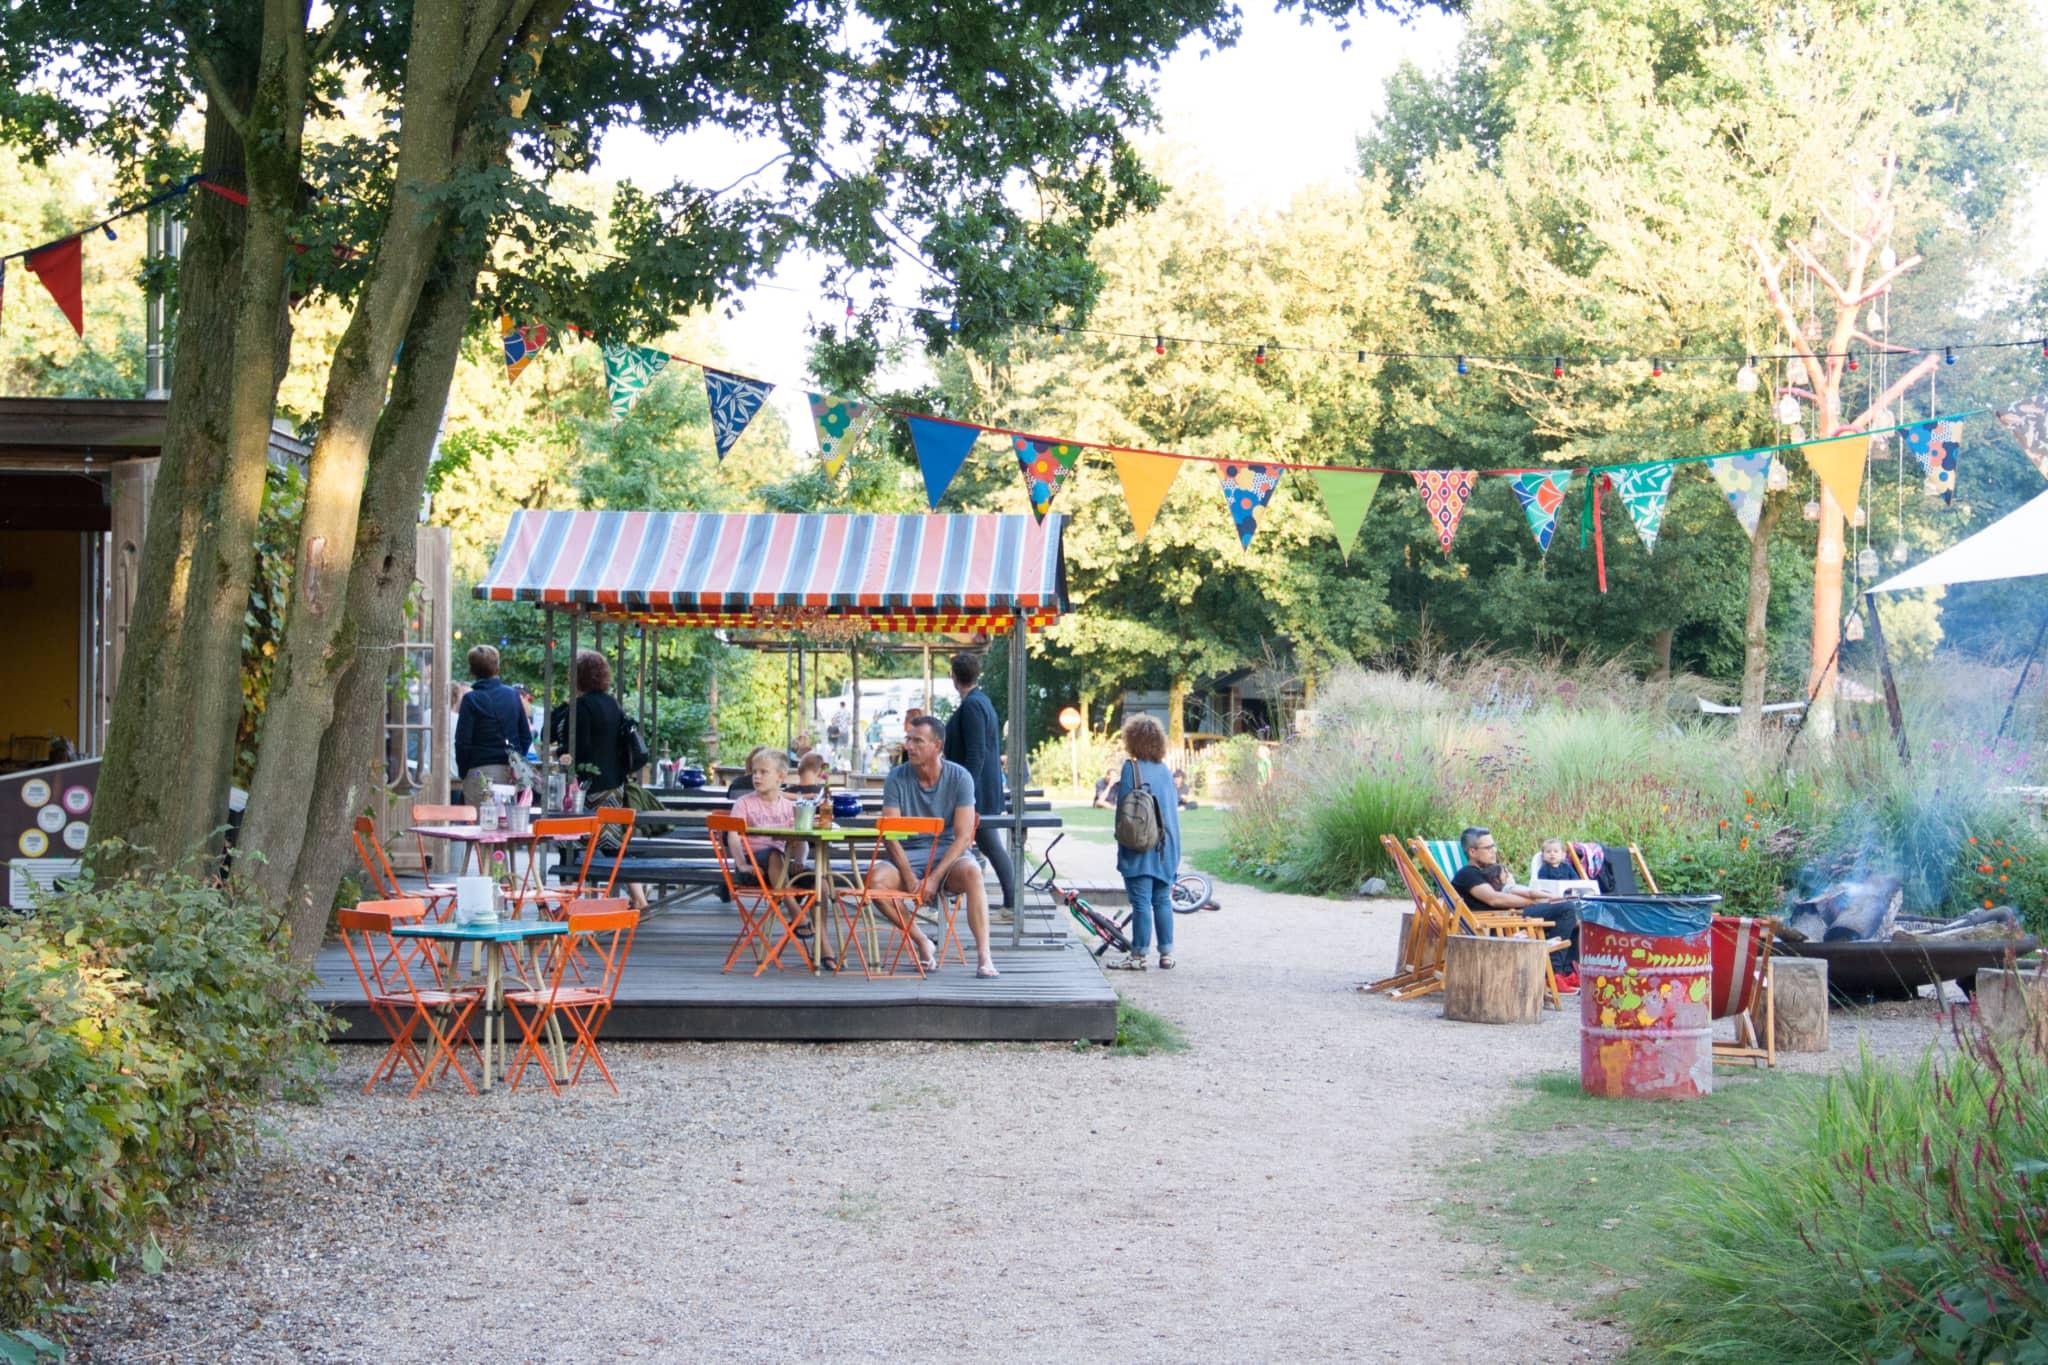 IMG 1539 - Familie tip: Camping de Lievelinge